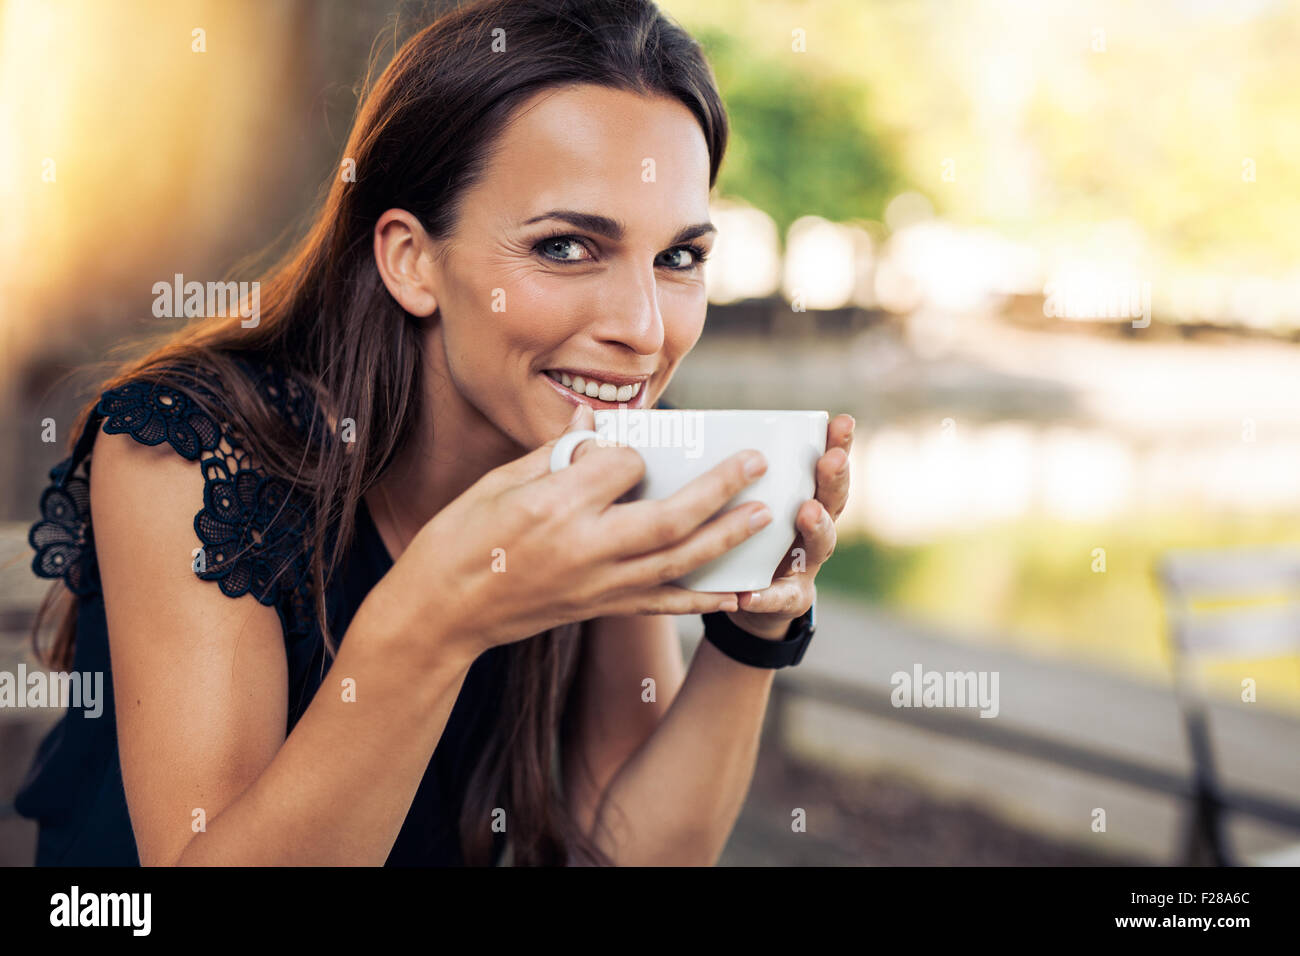 Hermosa joven sosteniendo una taza de café mirando a la cámara sonriendo. Hembra alegre disfrutando de Imagen De Stock